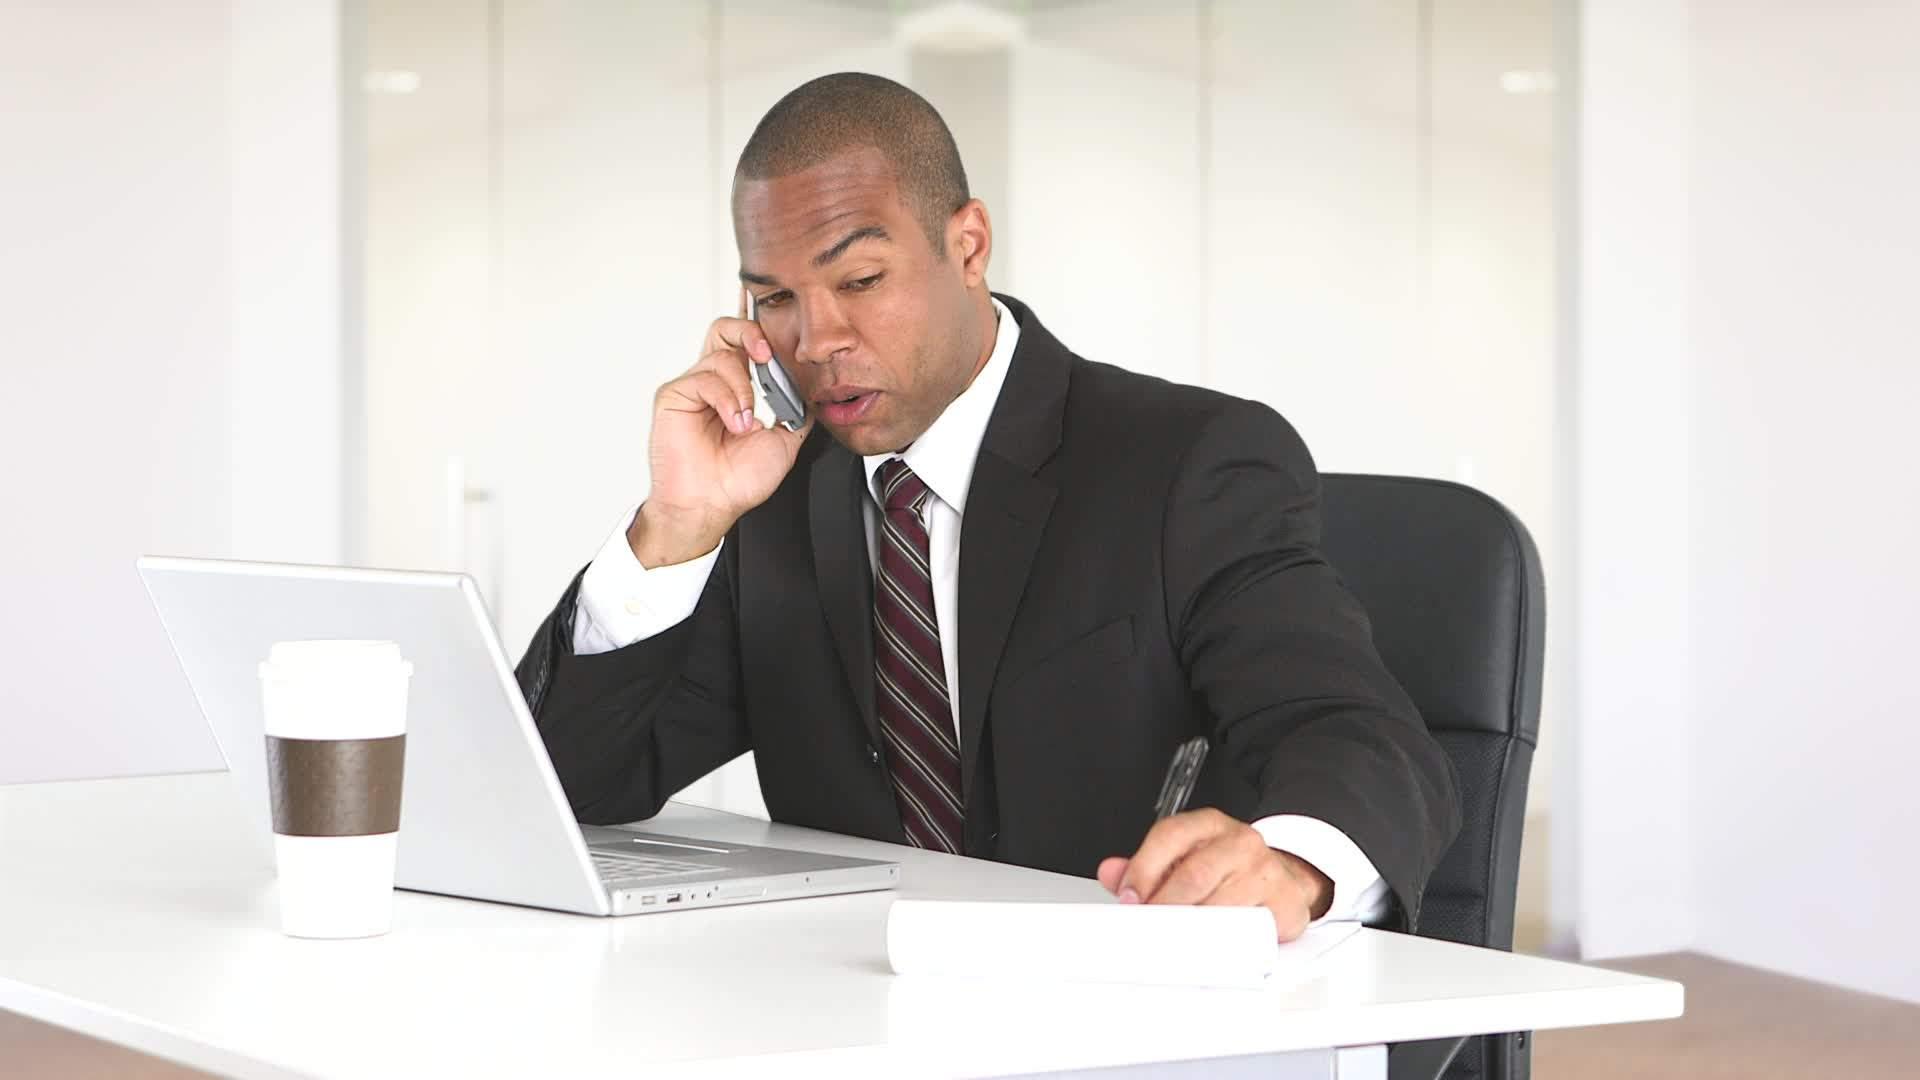 Quem atende as ligações da sua empresa fora do horário comercial?